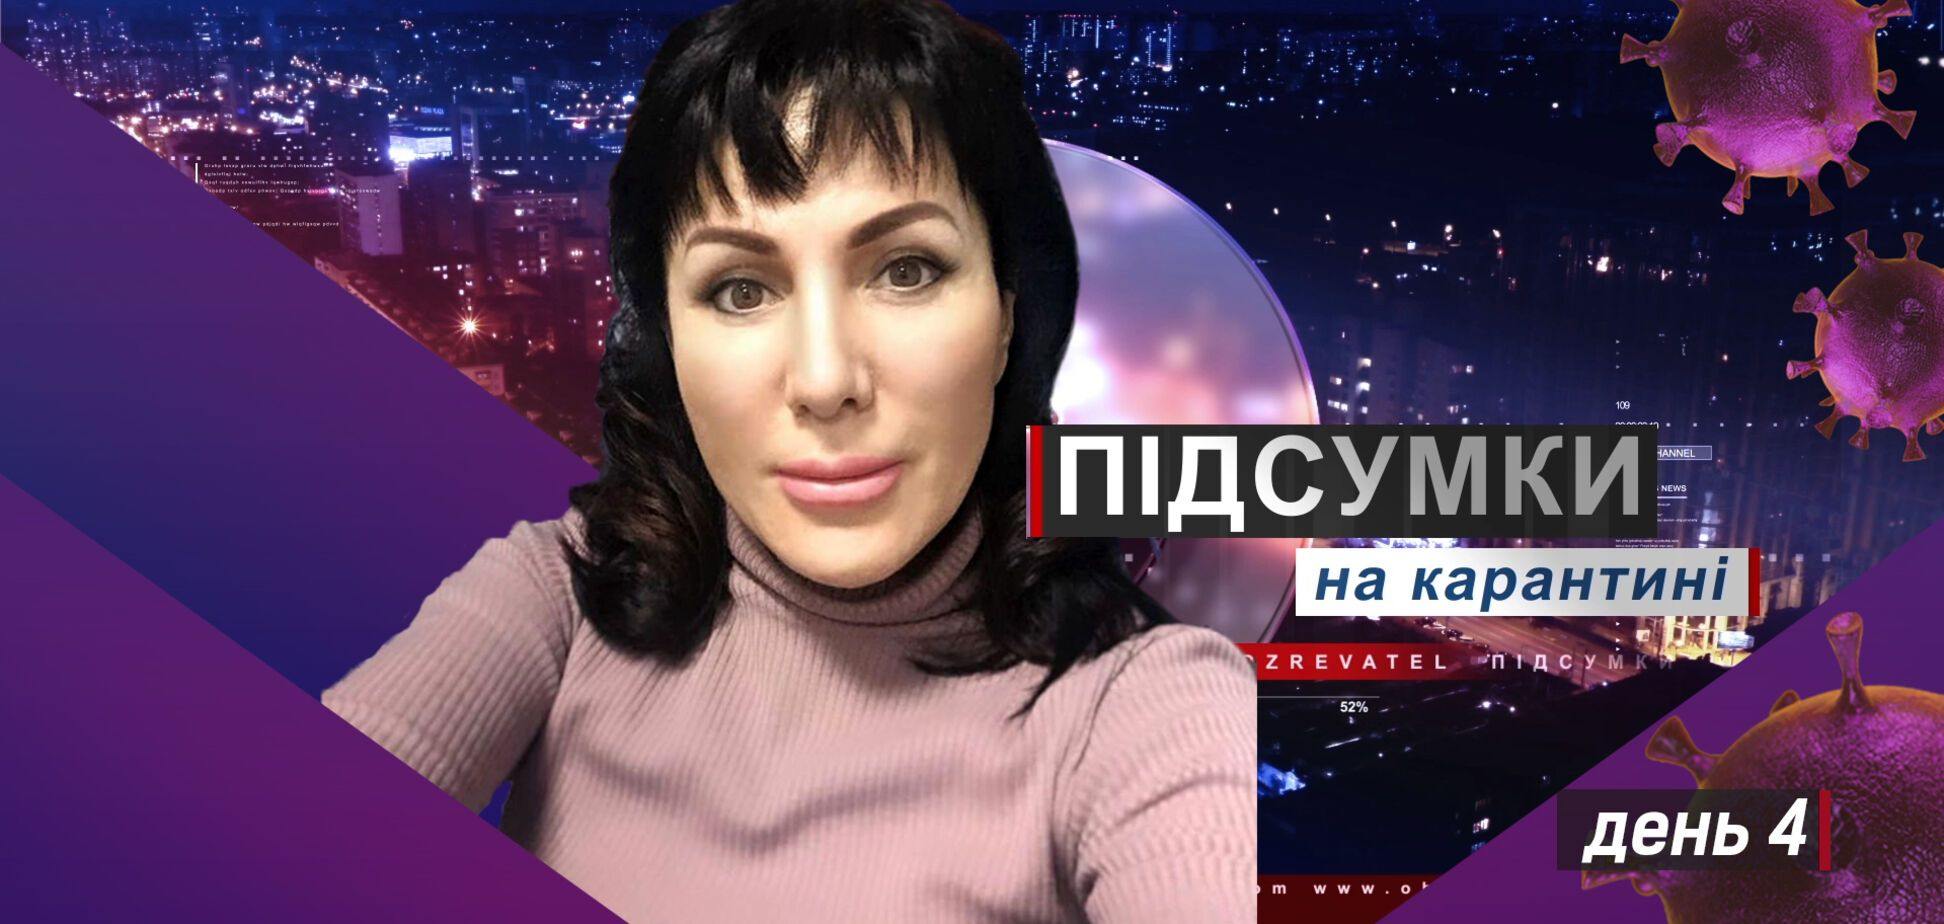 Коронавірус в Україні: психологиня пояснила, як не піддатися паніці